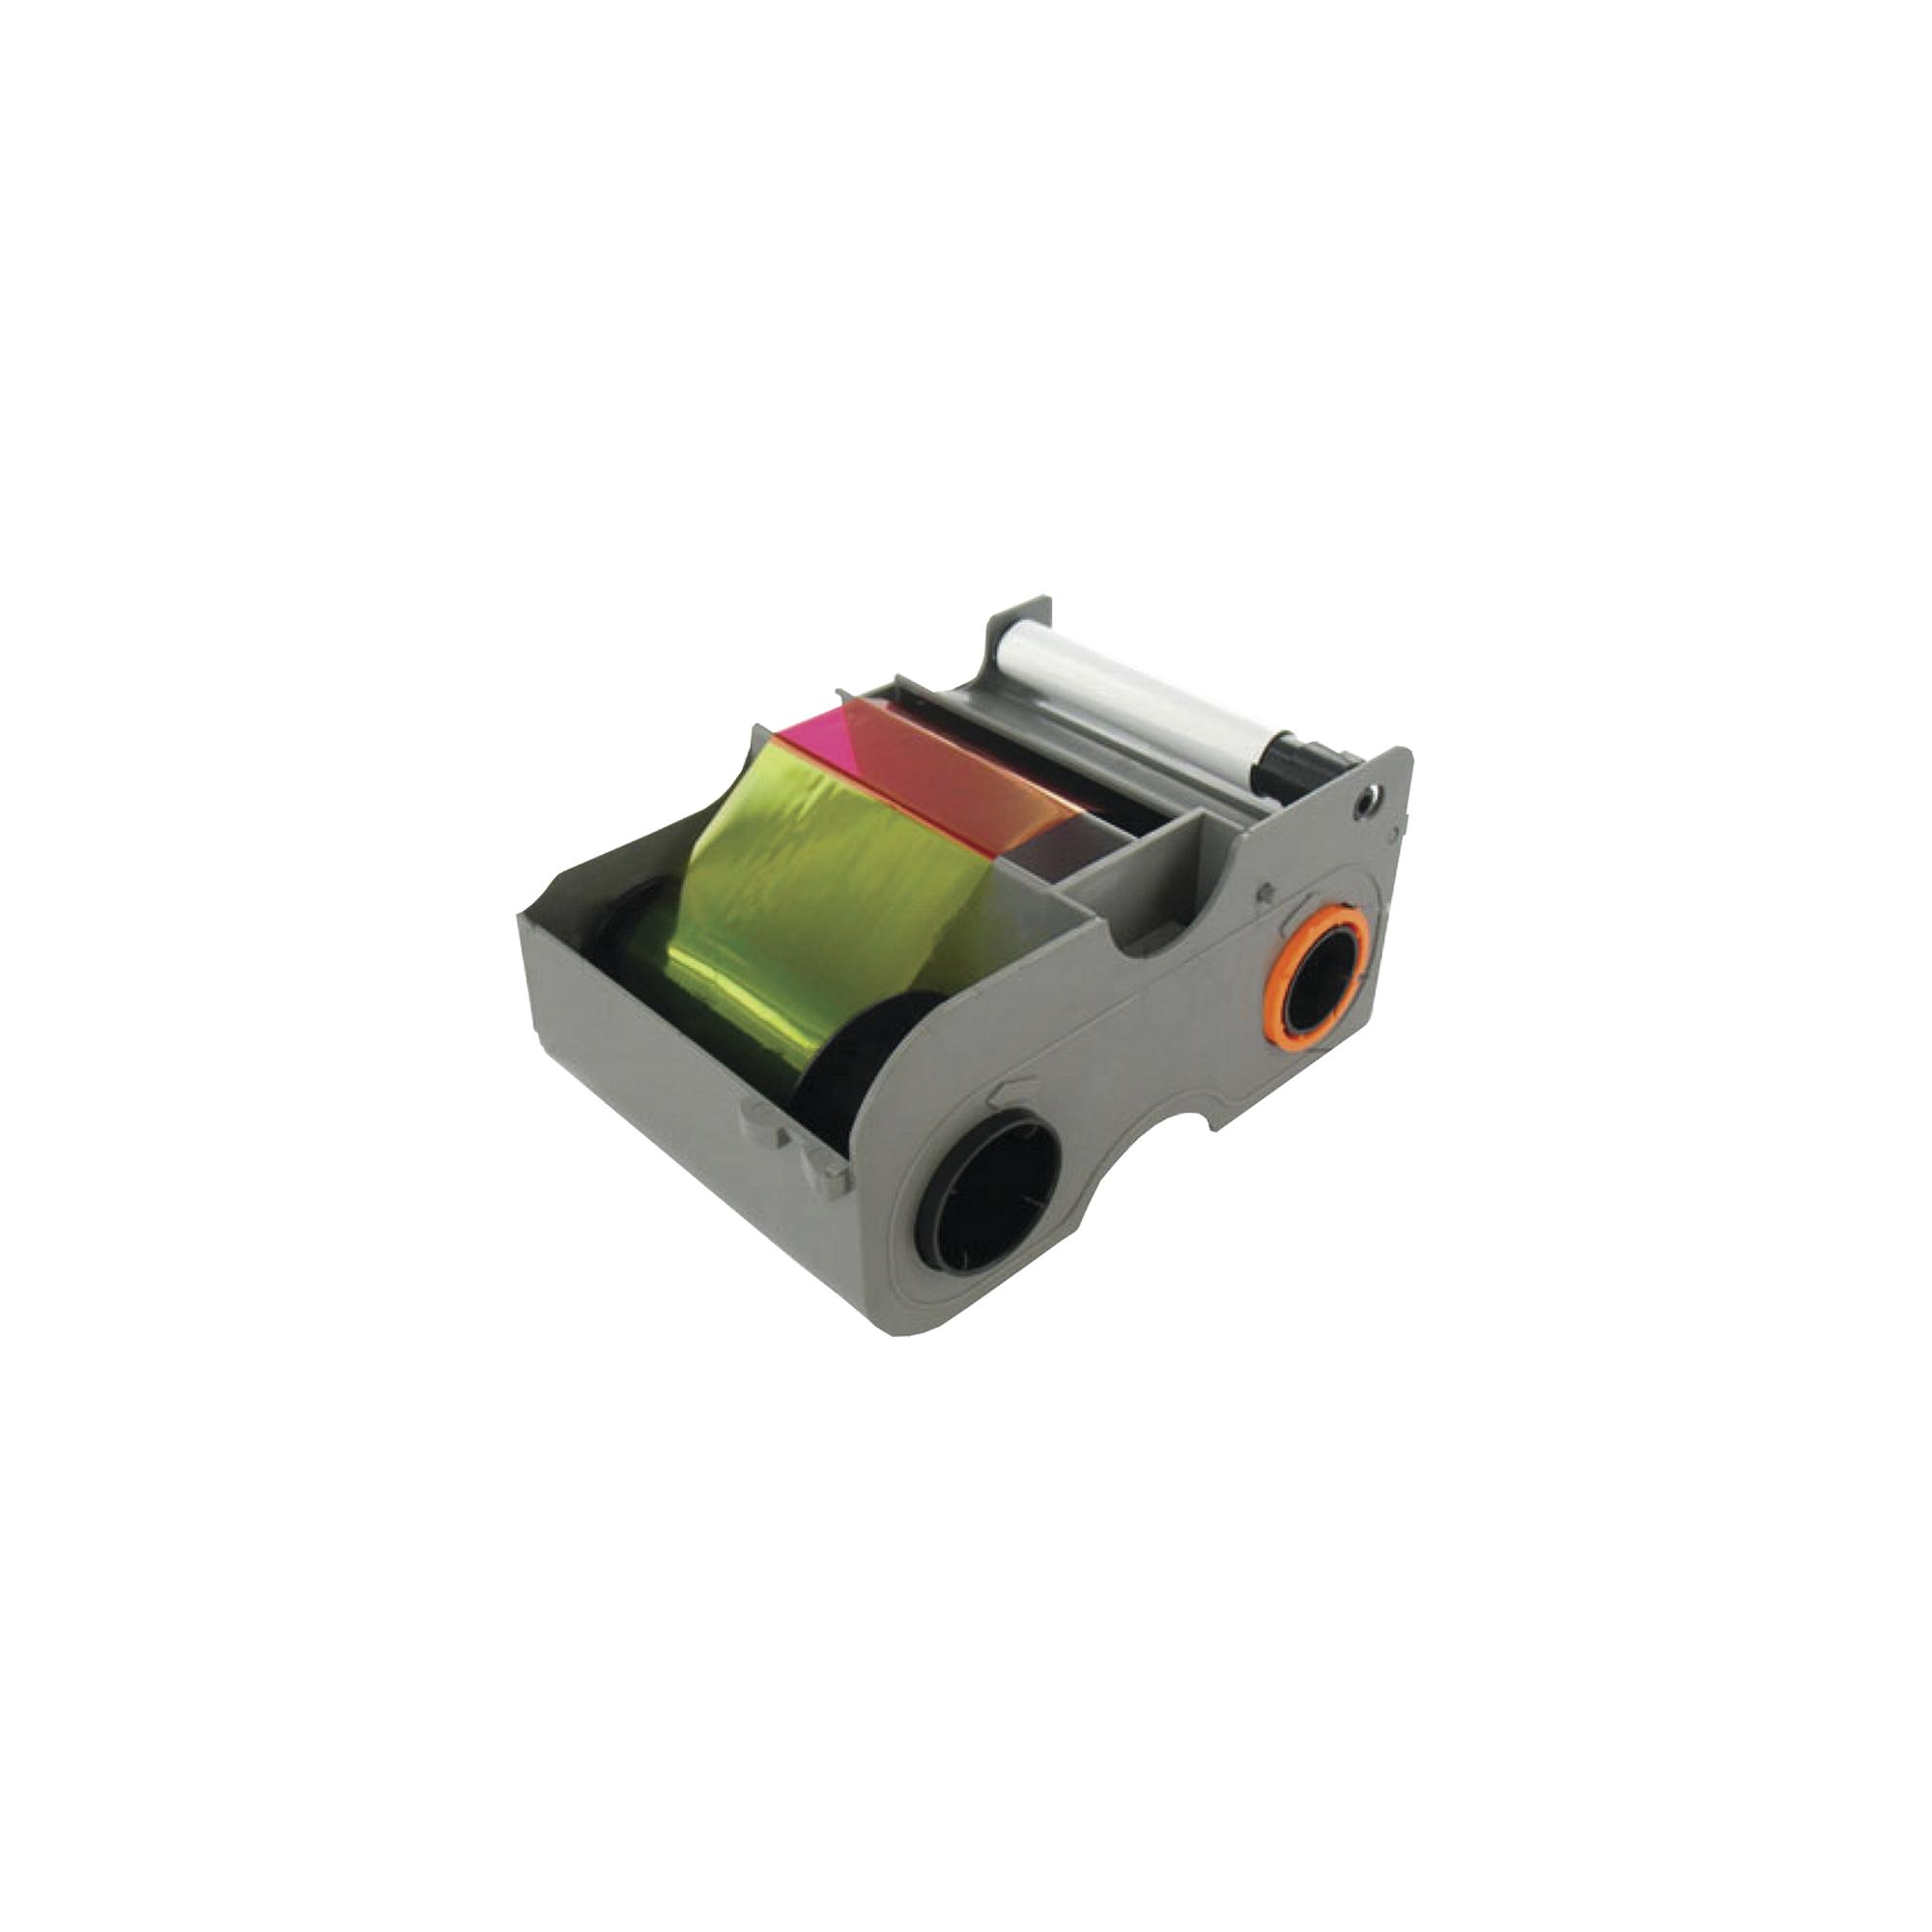 Cartucho con Ribbon  YMCKOK full color con dos resinas en negro / Para DTC1250e y DTC1000 / 200 impresiones.